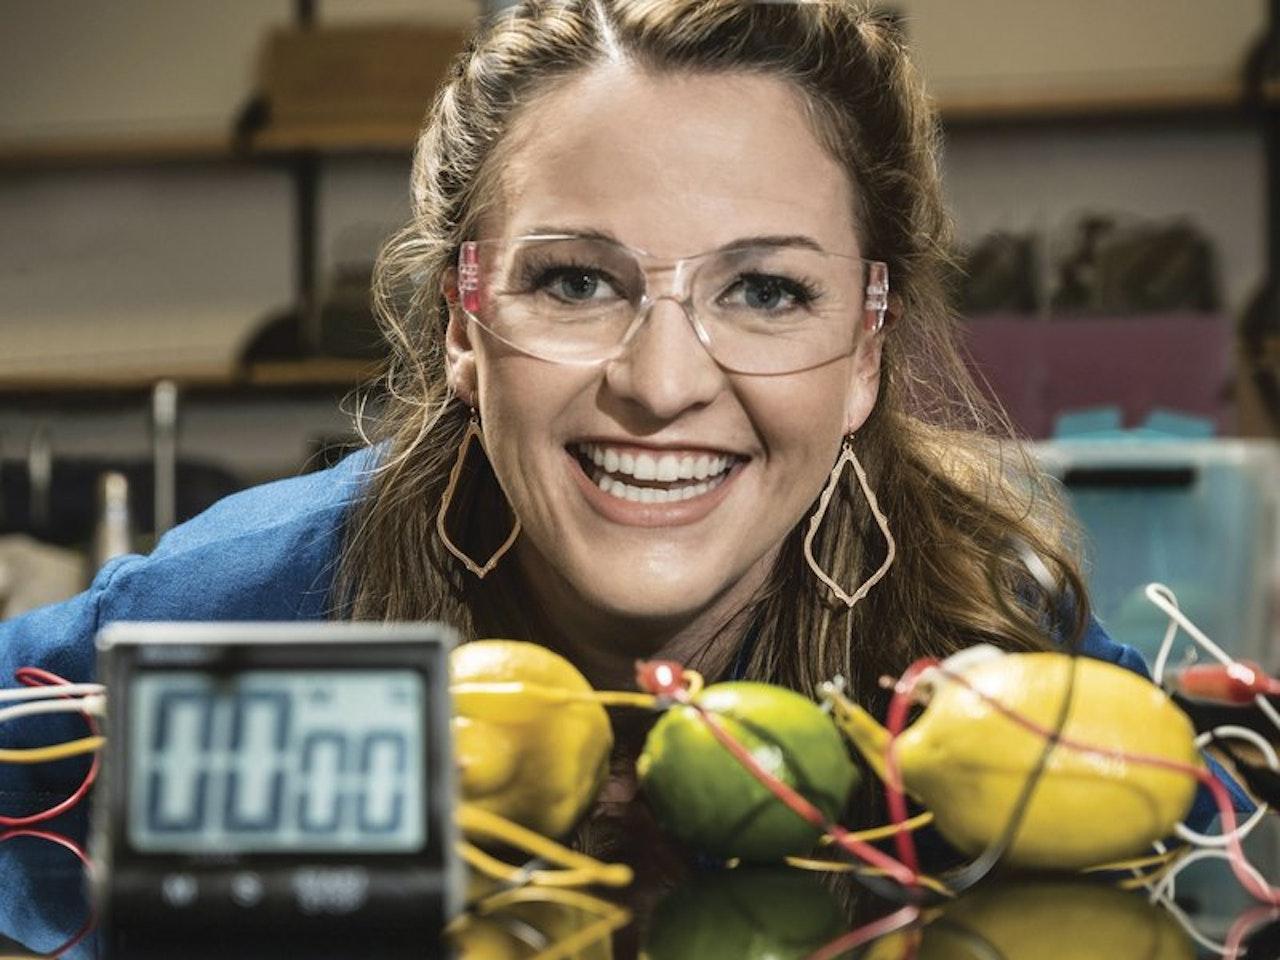 """Season 1 - Dr. Kate the Chemist - Our new """"STEAM Powered"""" YGC Science Series - Entrevue avec la Dr. Kate Biberdorf pour notre nouvelle série """"La Science C'est Génial""""."""